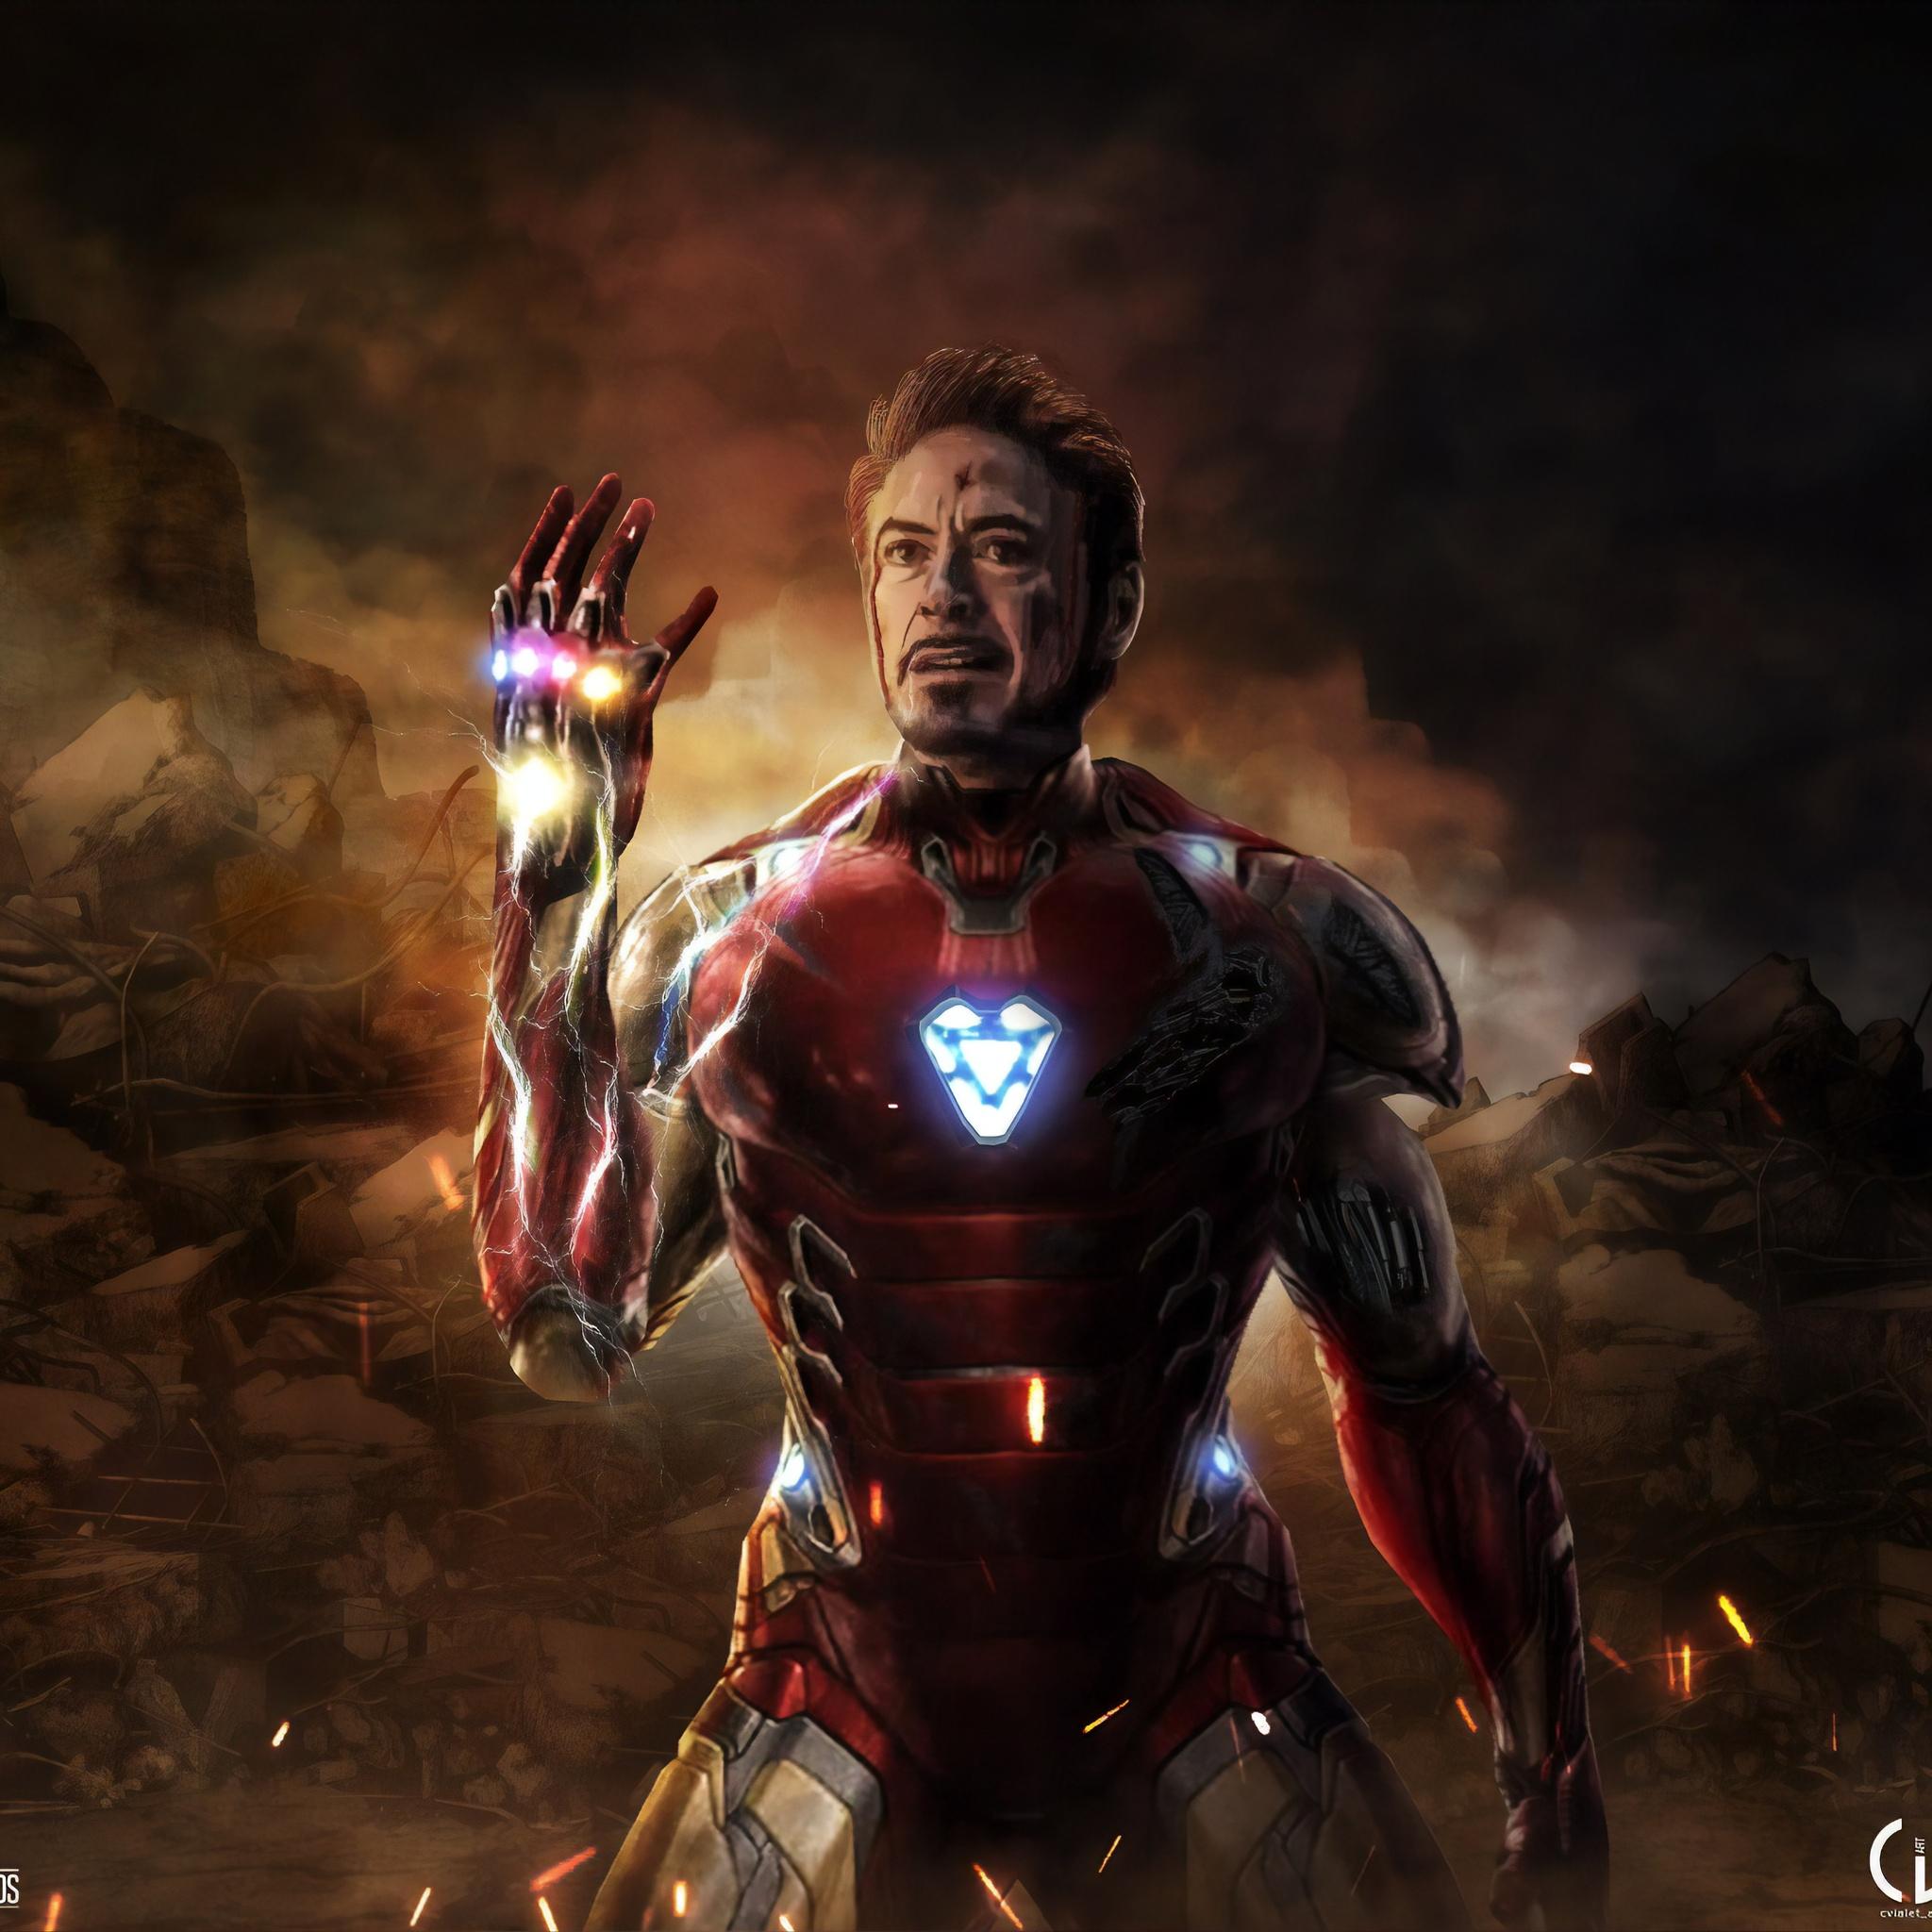 2048x2048 I Am Iron Man Avengers Endgame 5k Ipad Air HD 4k